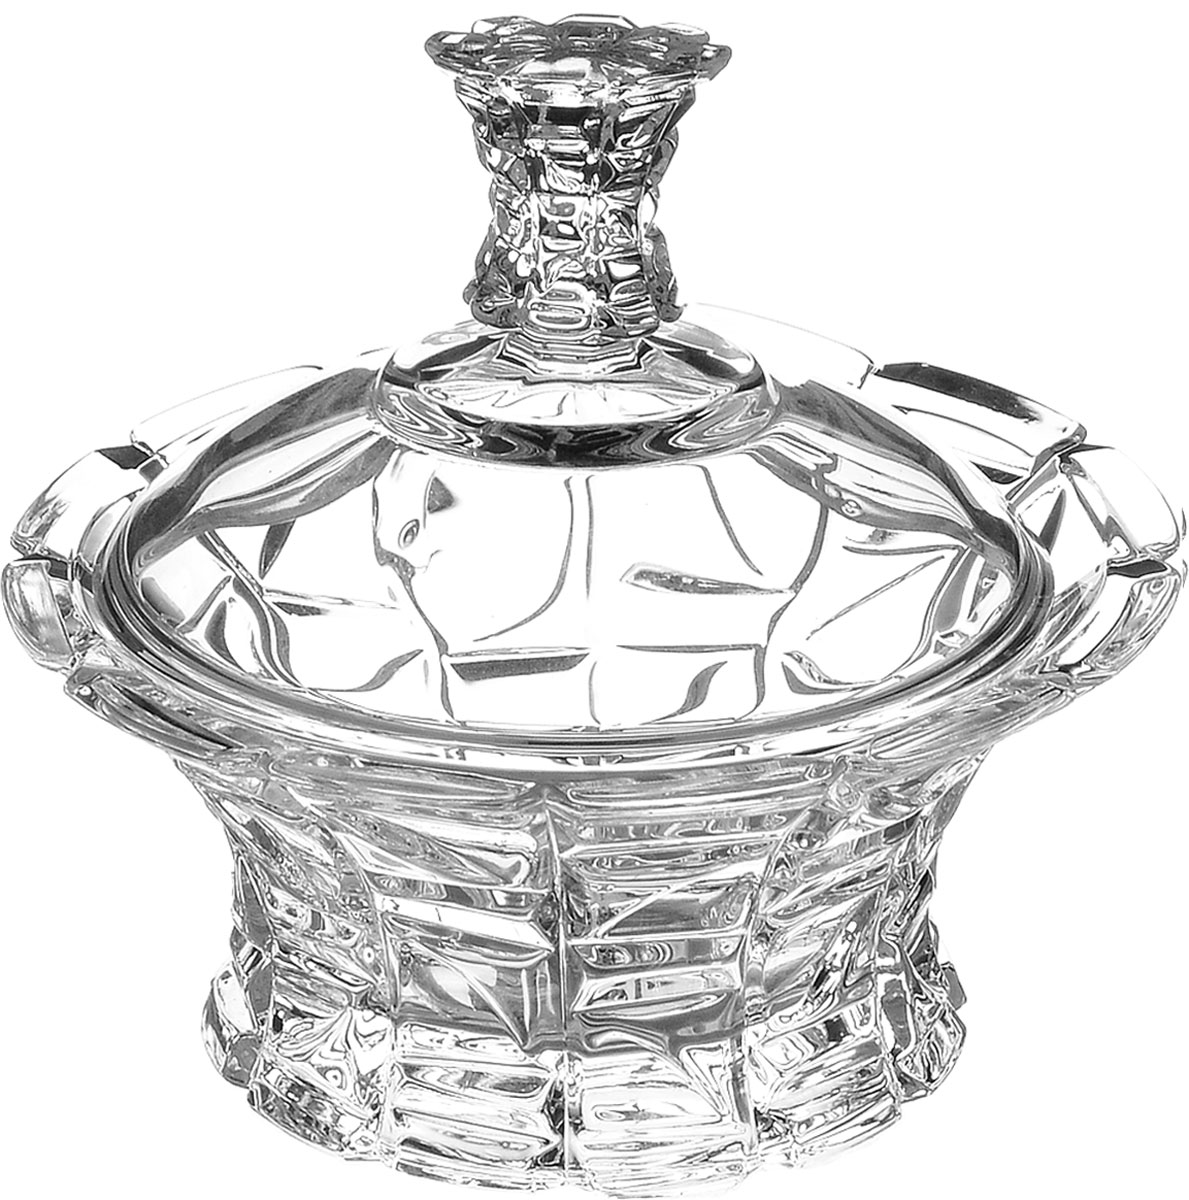 Конфетница Crystal Bohemia, с крышкой, диаметр 12,5 см115510Элегантная конфетница Crystal Bohemia выполнена из настоящего чешского хрусталя с содержанием 24% оксида свинца, что придает изделию поразительную прозрачность и чистоту, невероятный блеск, присущий только ювелирным изделиям, особое, ни с чем не сравнимое светопреломление и игру всеми красками спектра как при естественном, так и при искусственном освещении.Изделие предназначено для подачи сладостей (конфет, сахара, меда, изюма, орехов и многого другого). Она придает легкость, воздушность сервировке стола и создаст особую атмосферу праздника. Конфетница Crystal Bohemia не только украсит ваш кухонный стол и подчеркнет прекрасный вкус хозяина, но и станет отличным подарком для ваших близких и друзей. Диаметр конфетницы (по верхнему краю): 12,5 см.Высота конфетницы (с учетом крышки): 11,5 см.